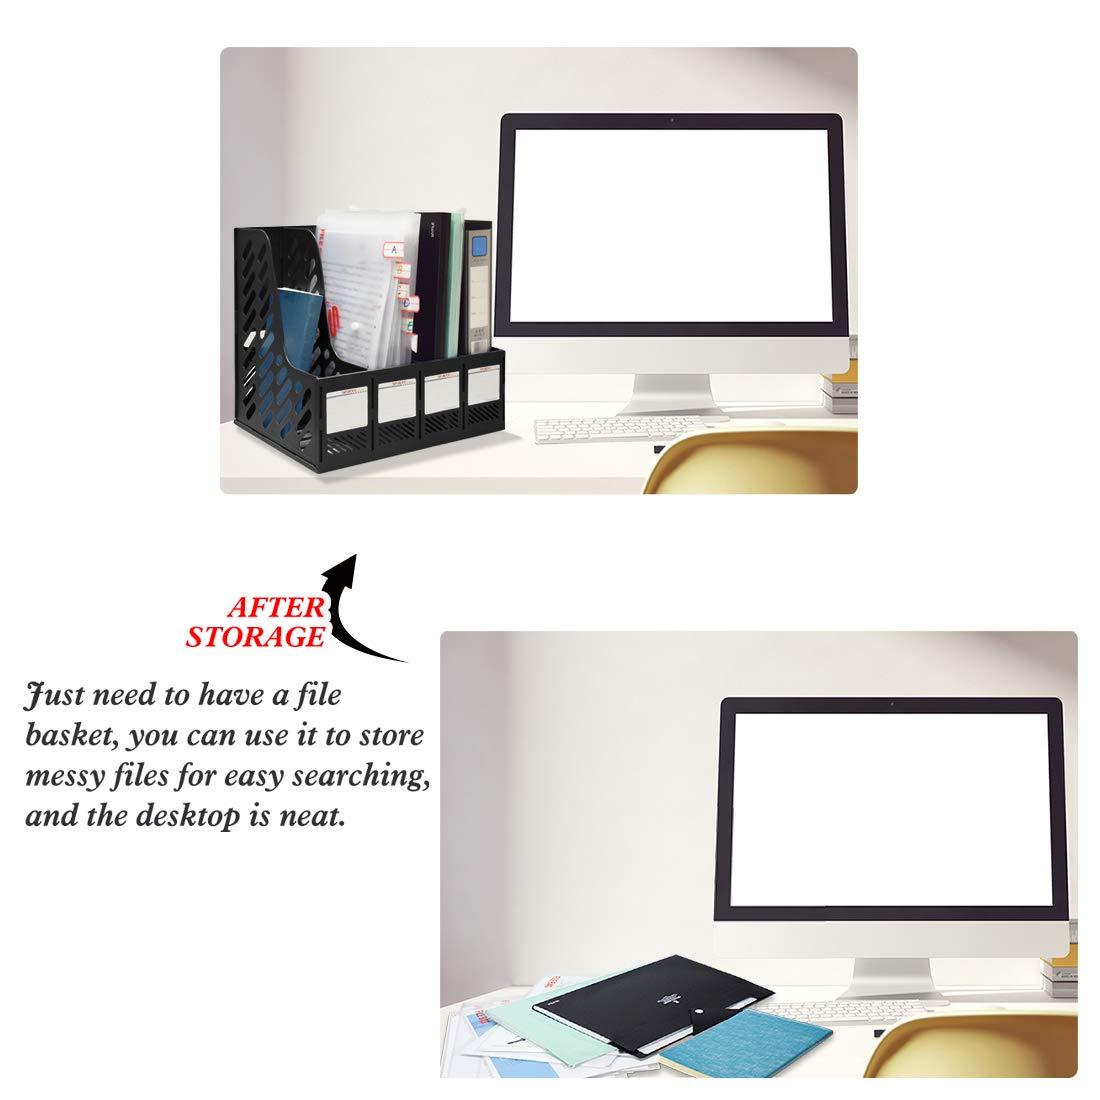 negro Marte Vanci documento escuela escritorio Revistero de 4 secciones de pl/ástico resistente con marcos oficina caja organizadora archivador separadores de archivos